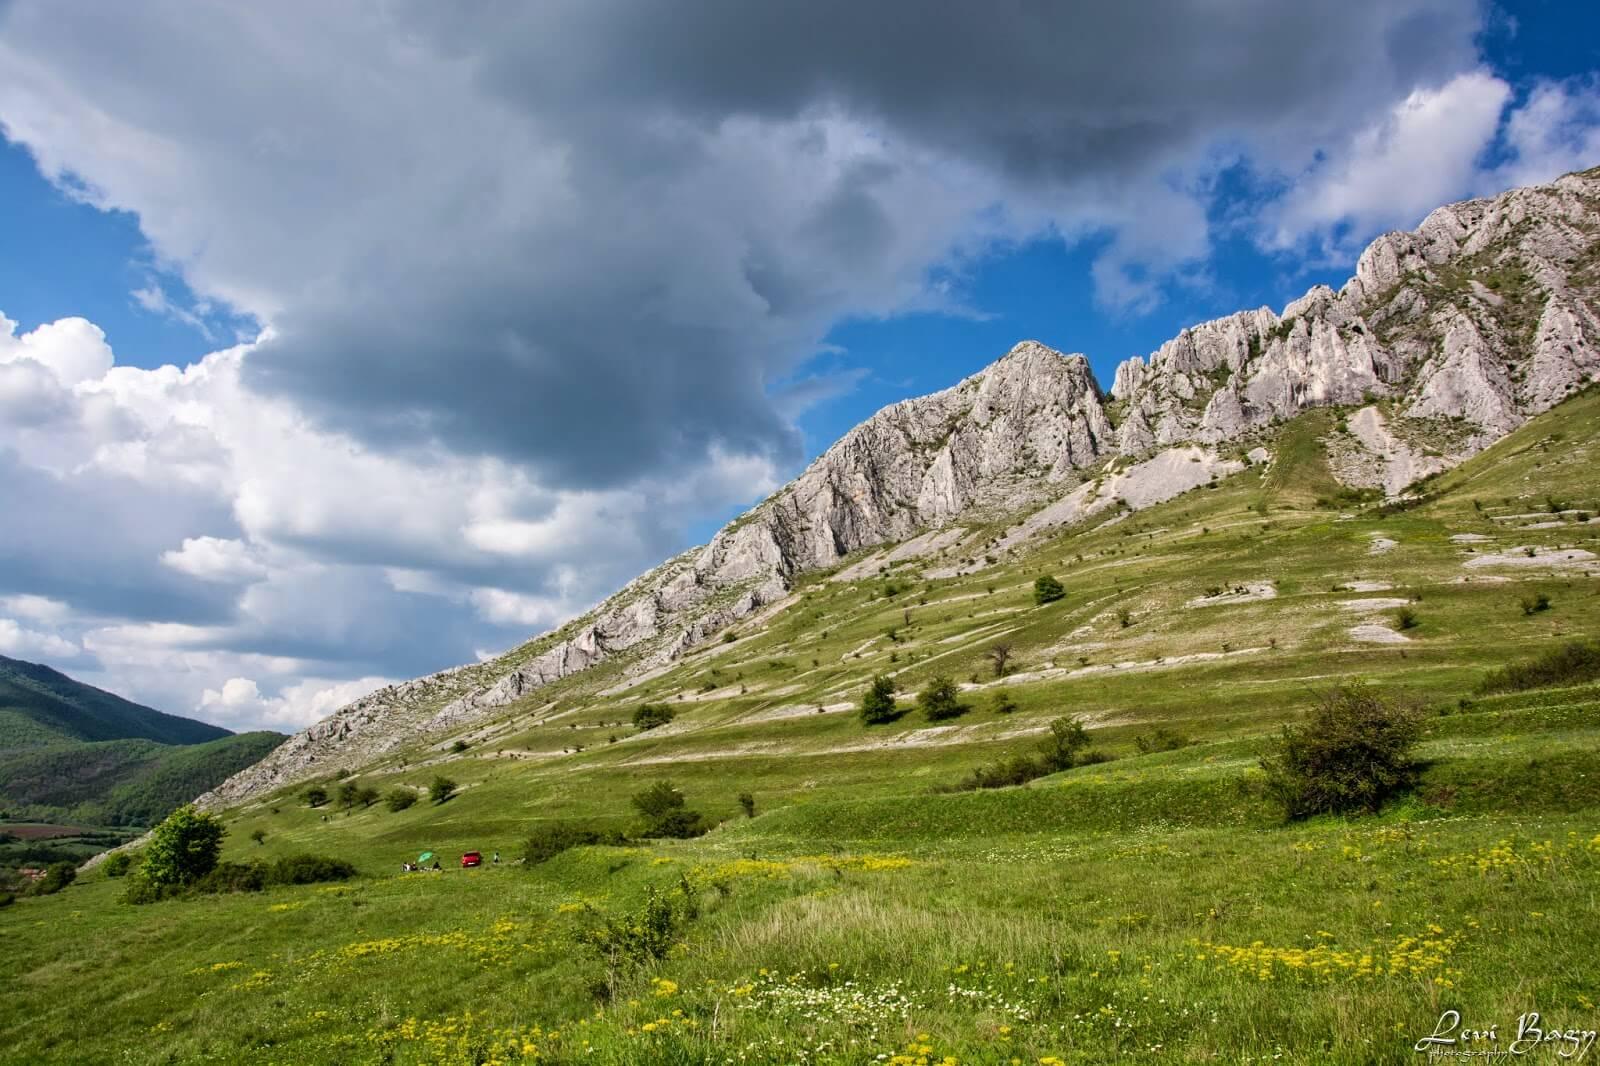 Camping Piatra Secuiului - Levi Bagy Photography